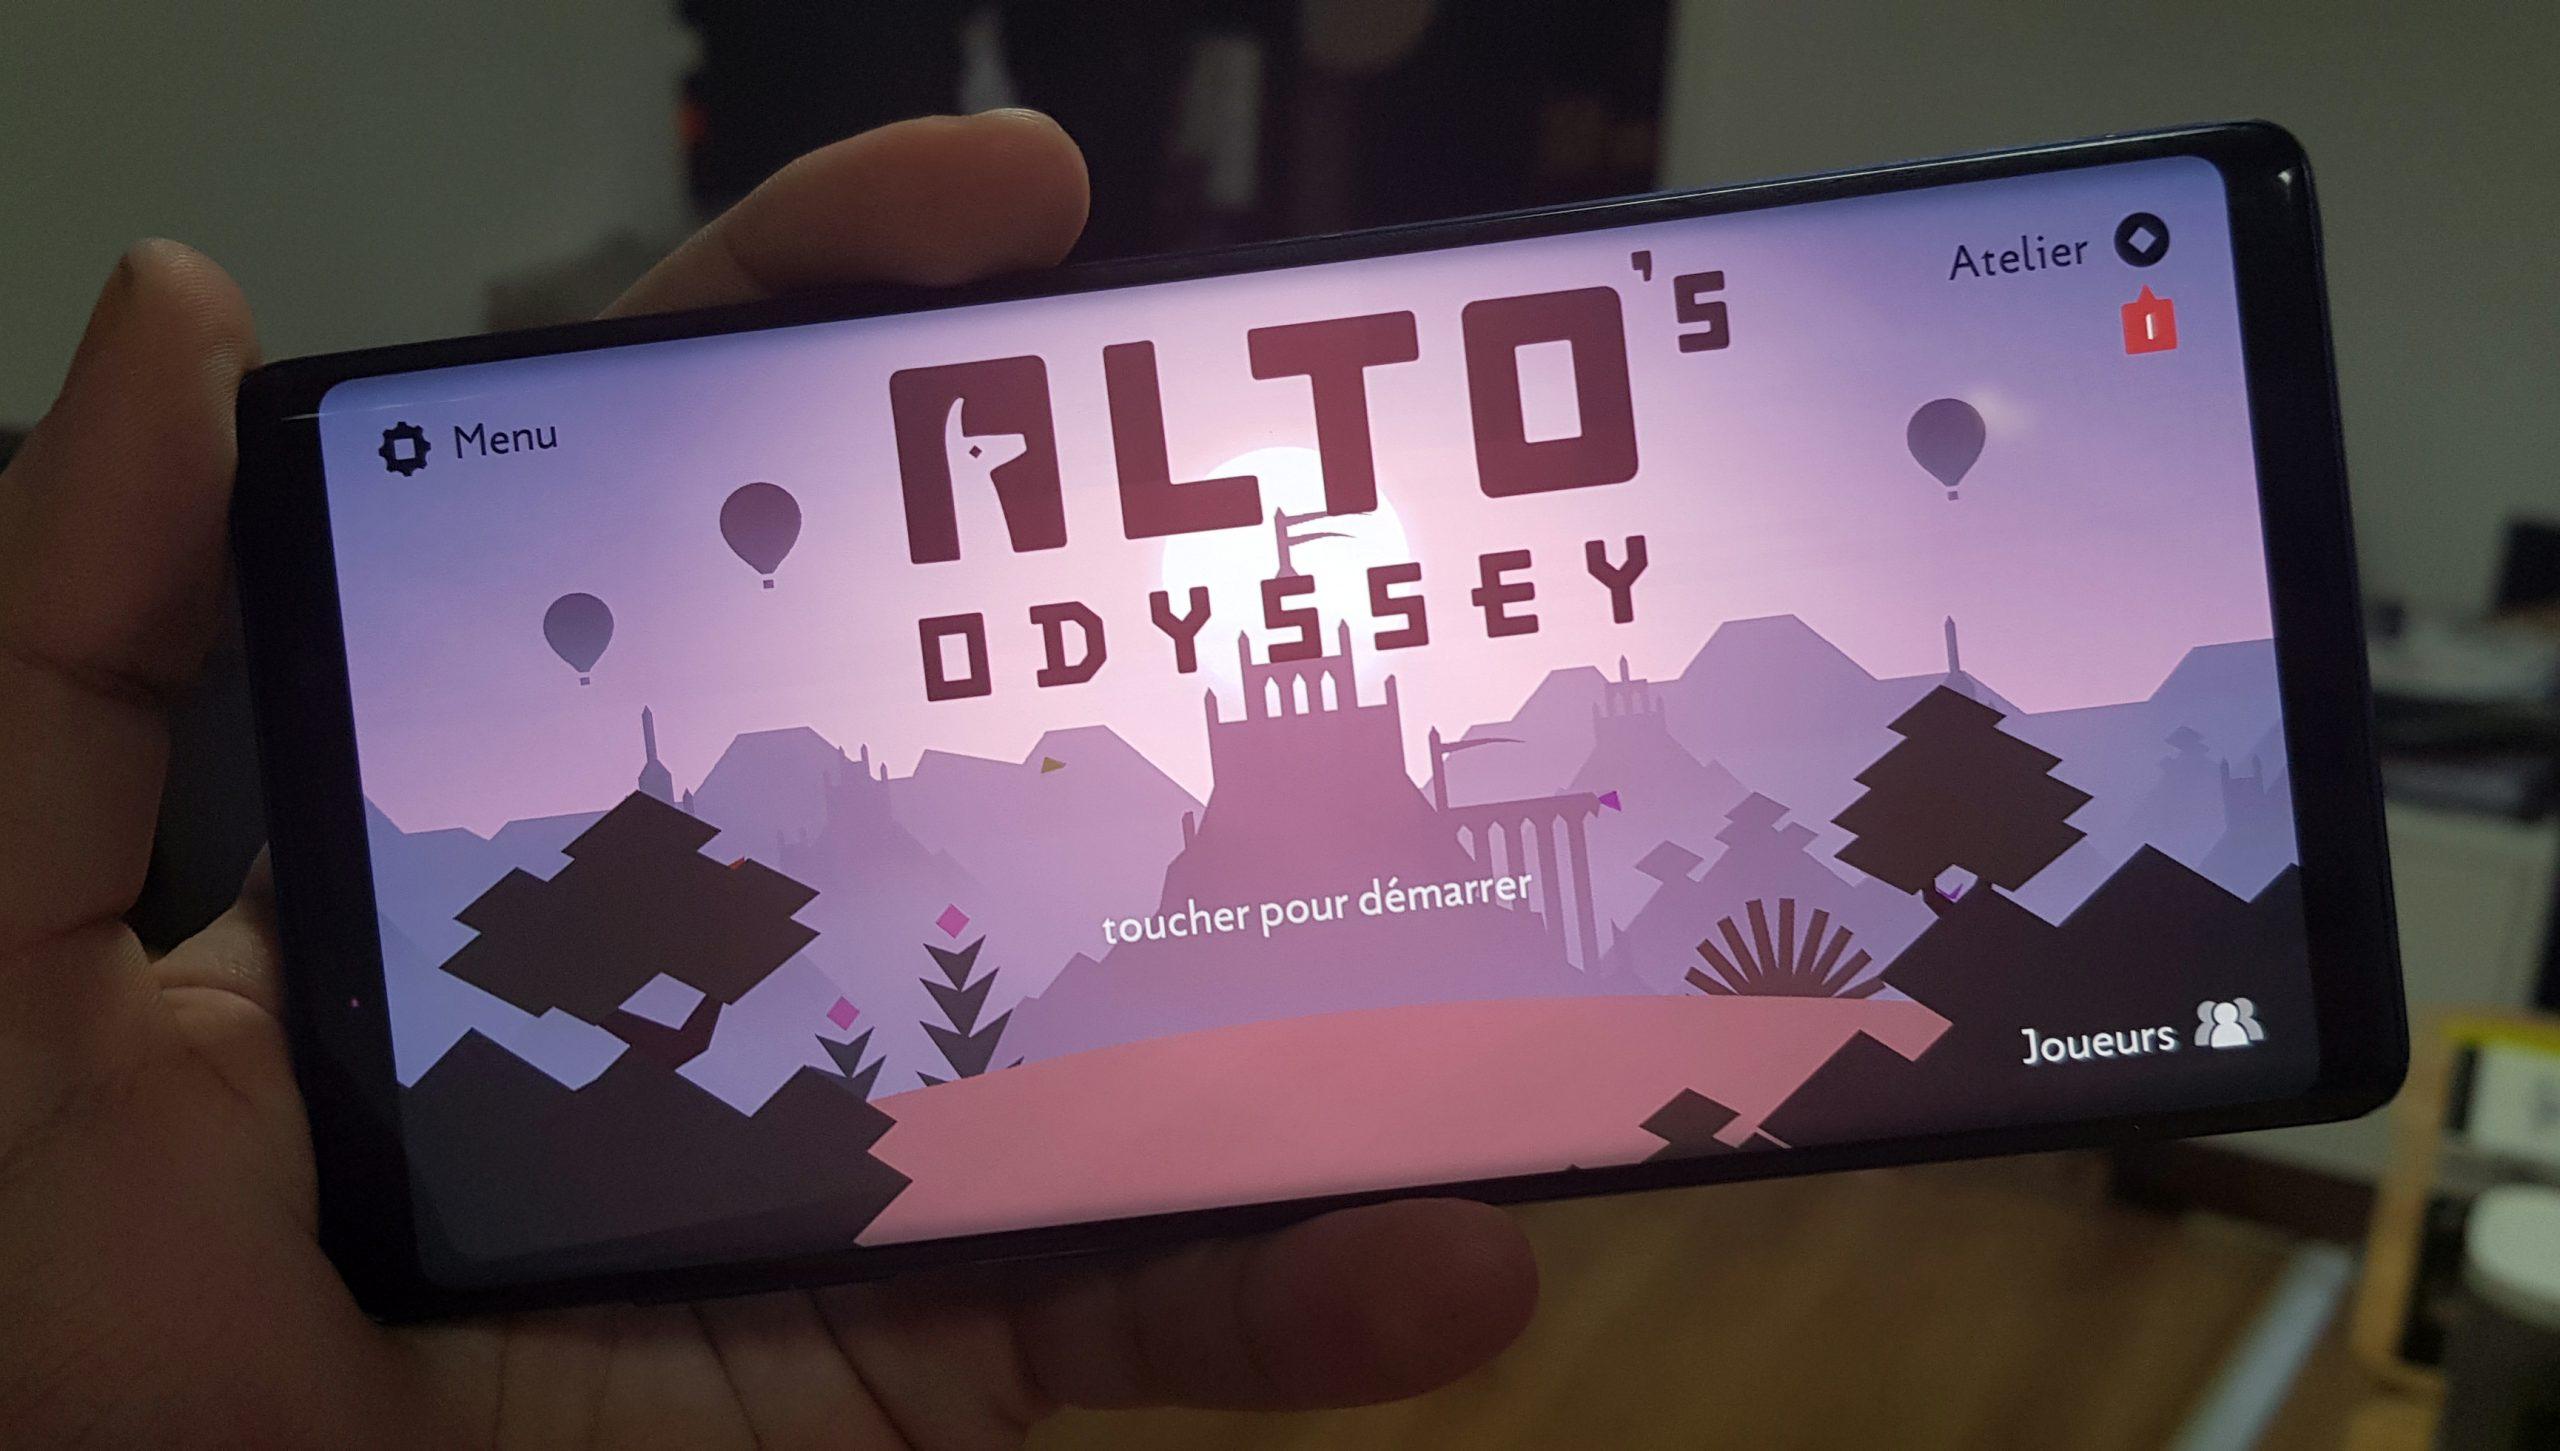 Les Meilleurs Jeux Sans Connexion Sur Android Et Ios En 2020 encequiconcerne Jeux Gratuit Pour Les Garcon